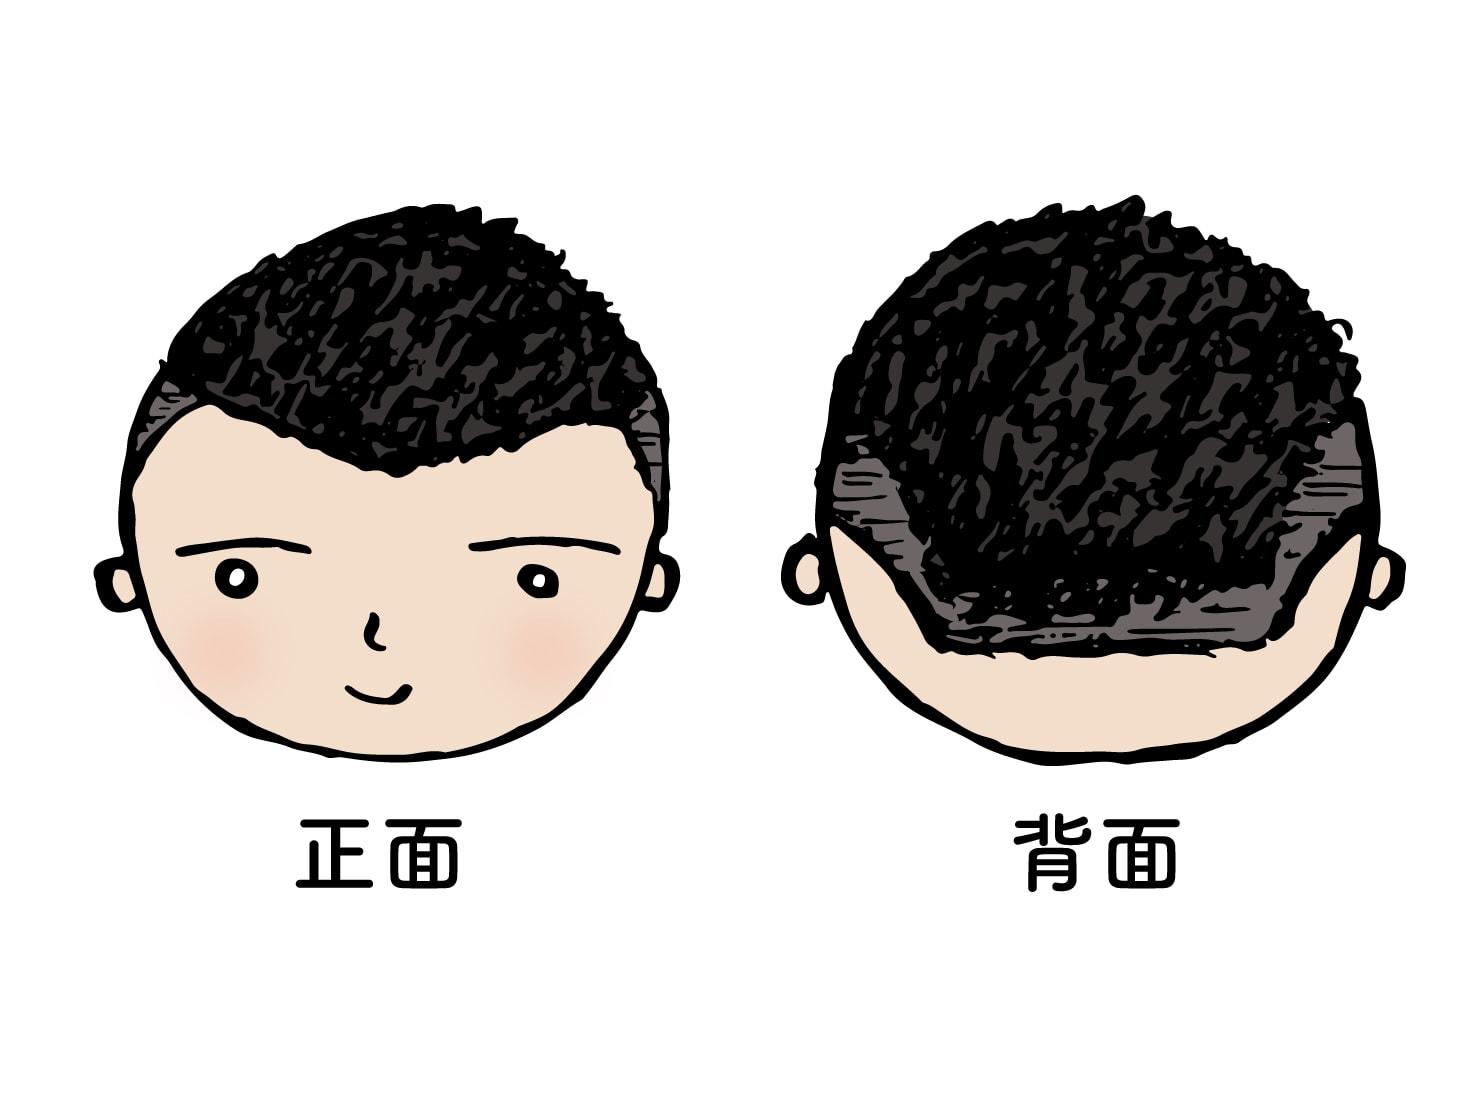 台湾男子御用達のヘアスタイル「ソフモヒ」